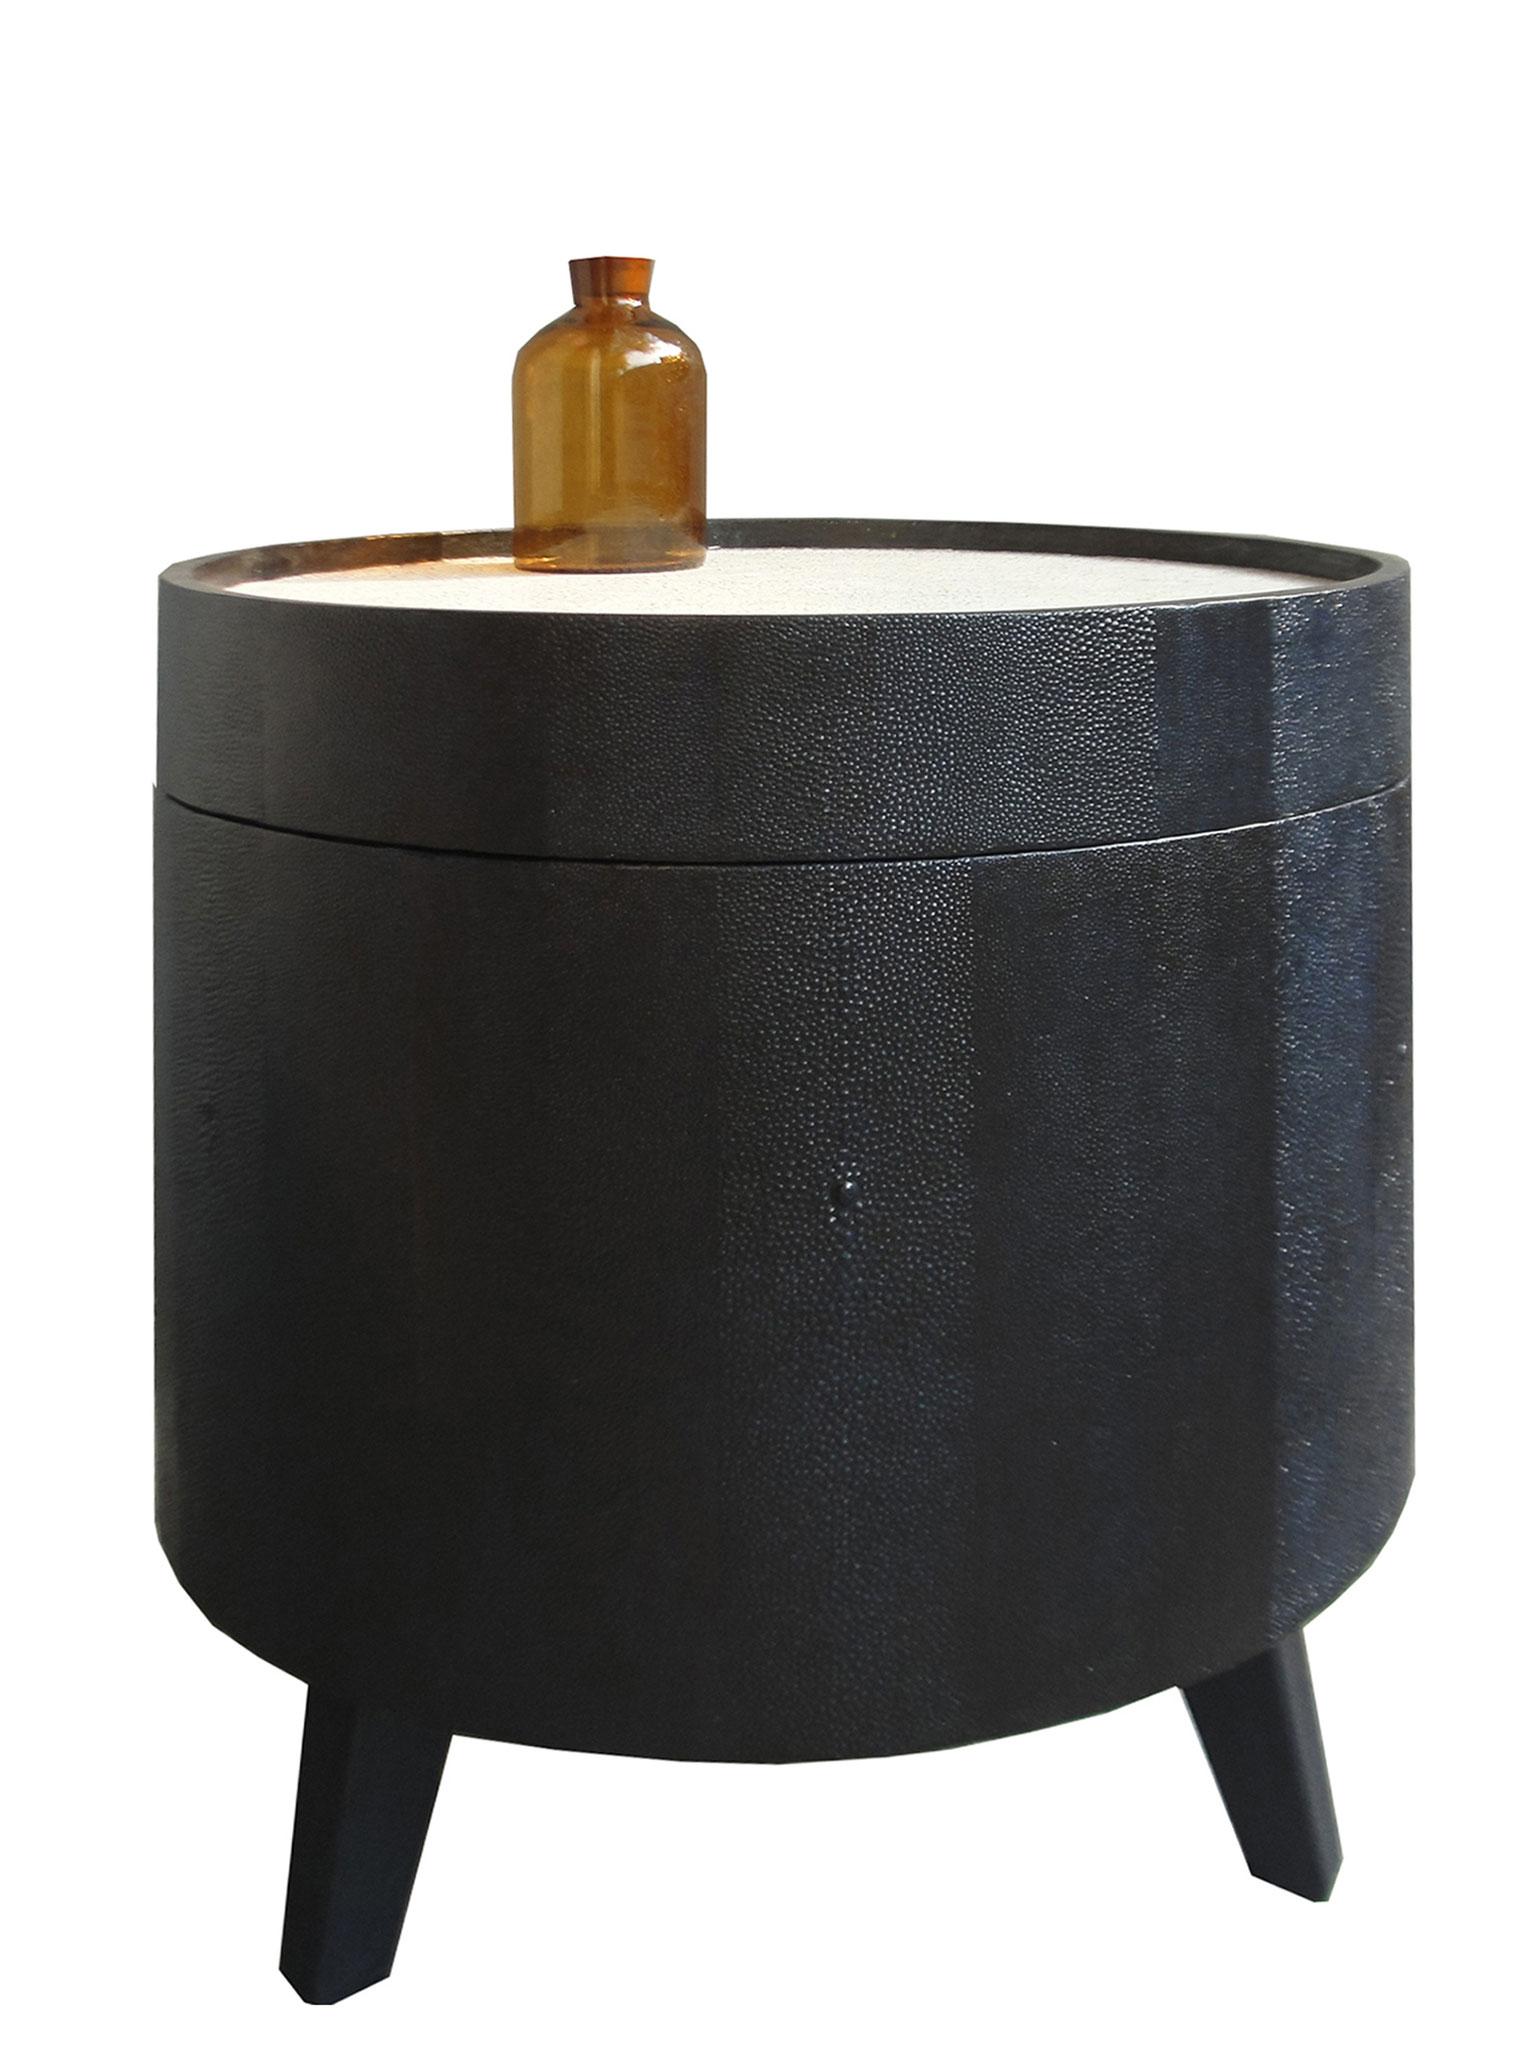 Table basse gainée d'empreintes de peaux de galuchat, plateau recouvert de feuilles d'or et coquilles d'oeufs - Ancienne boîte à chapeau de Chine - 38 x 41 cm